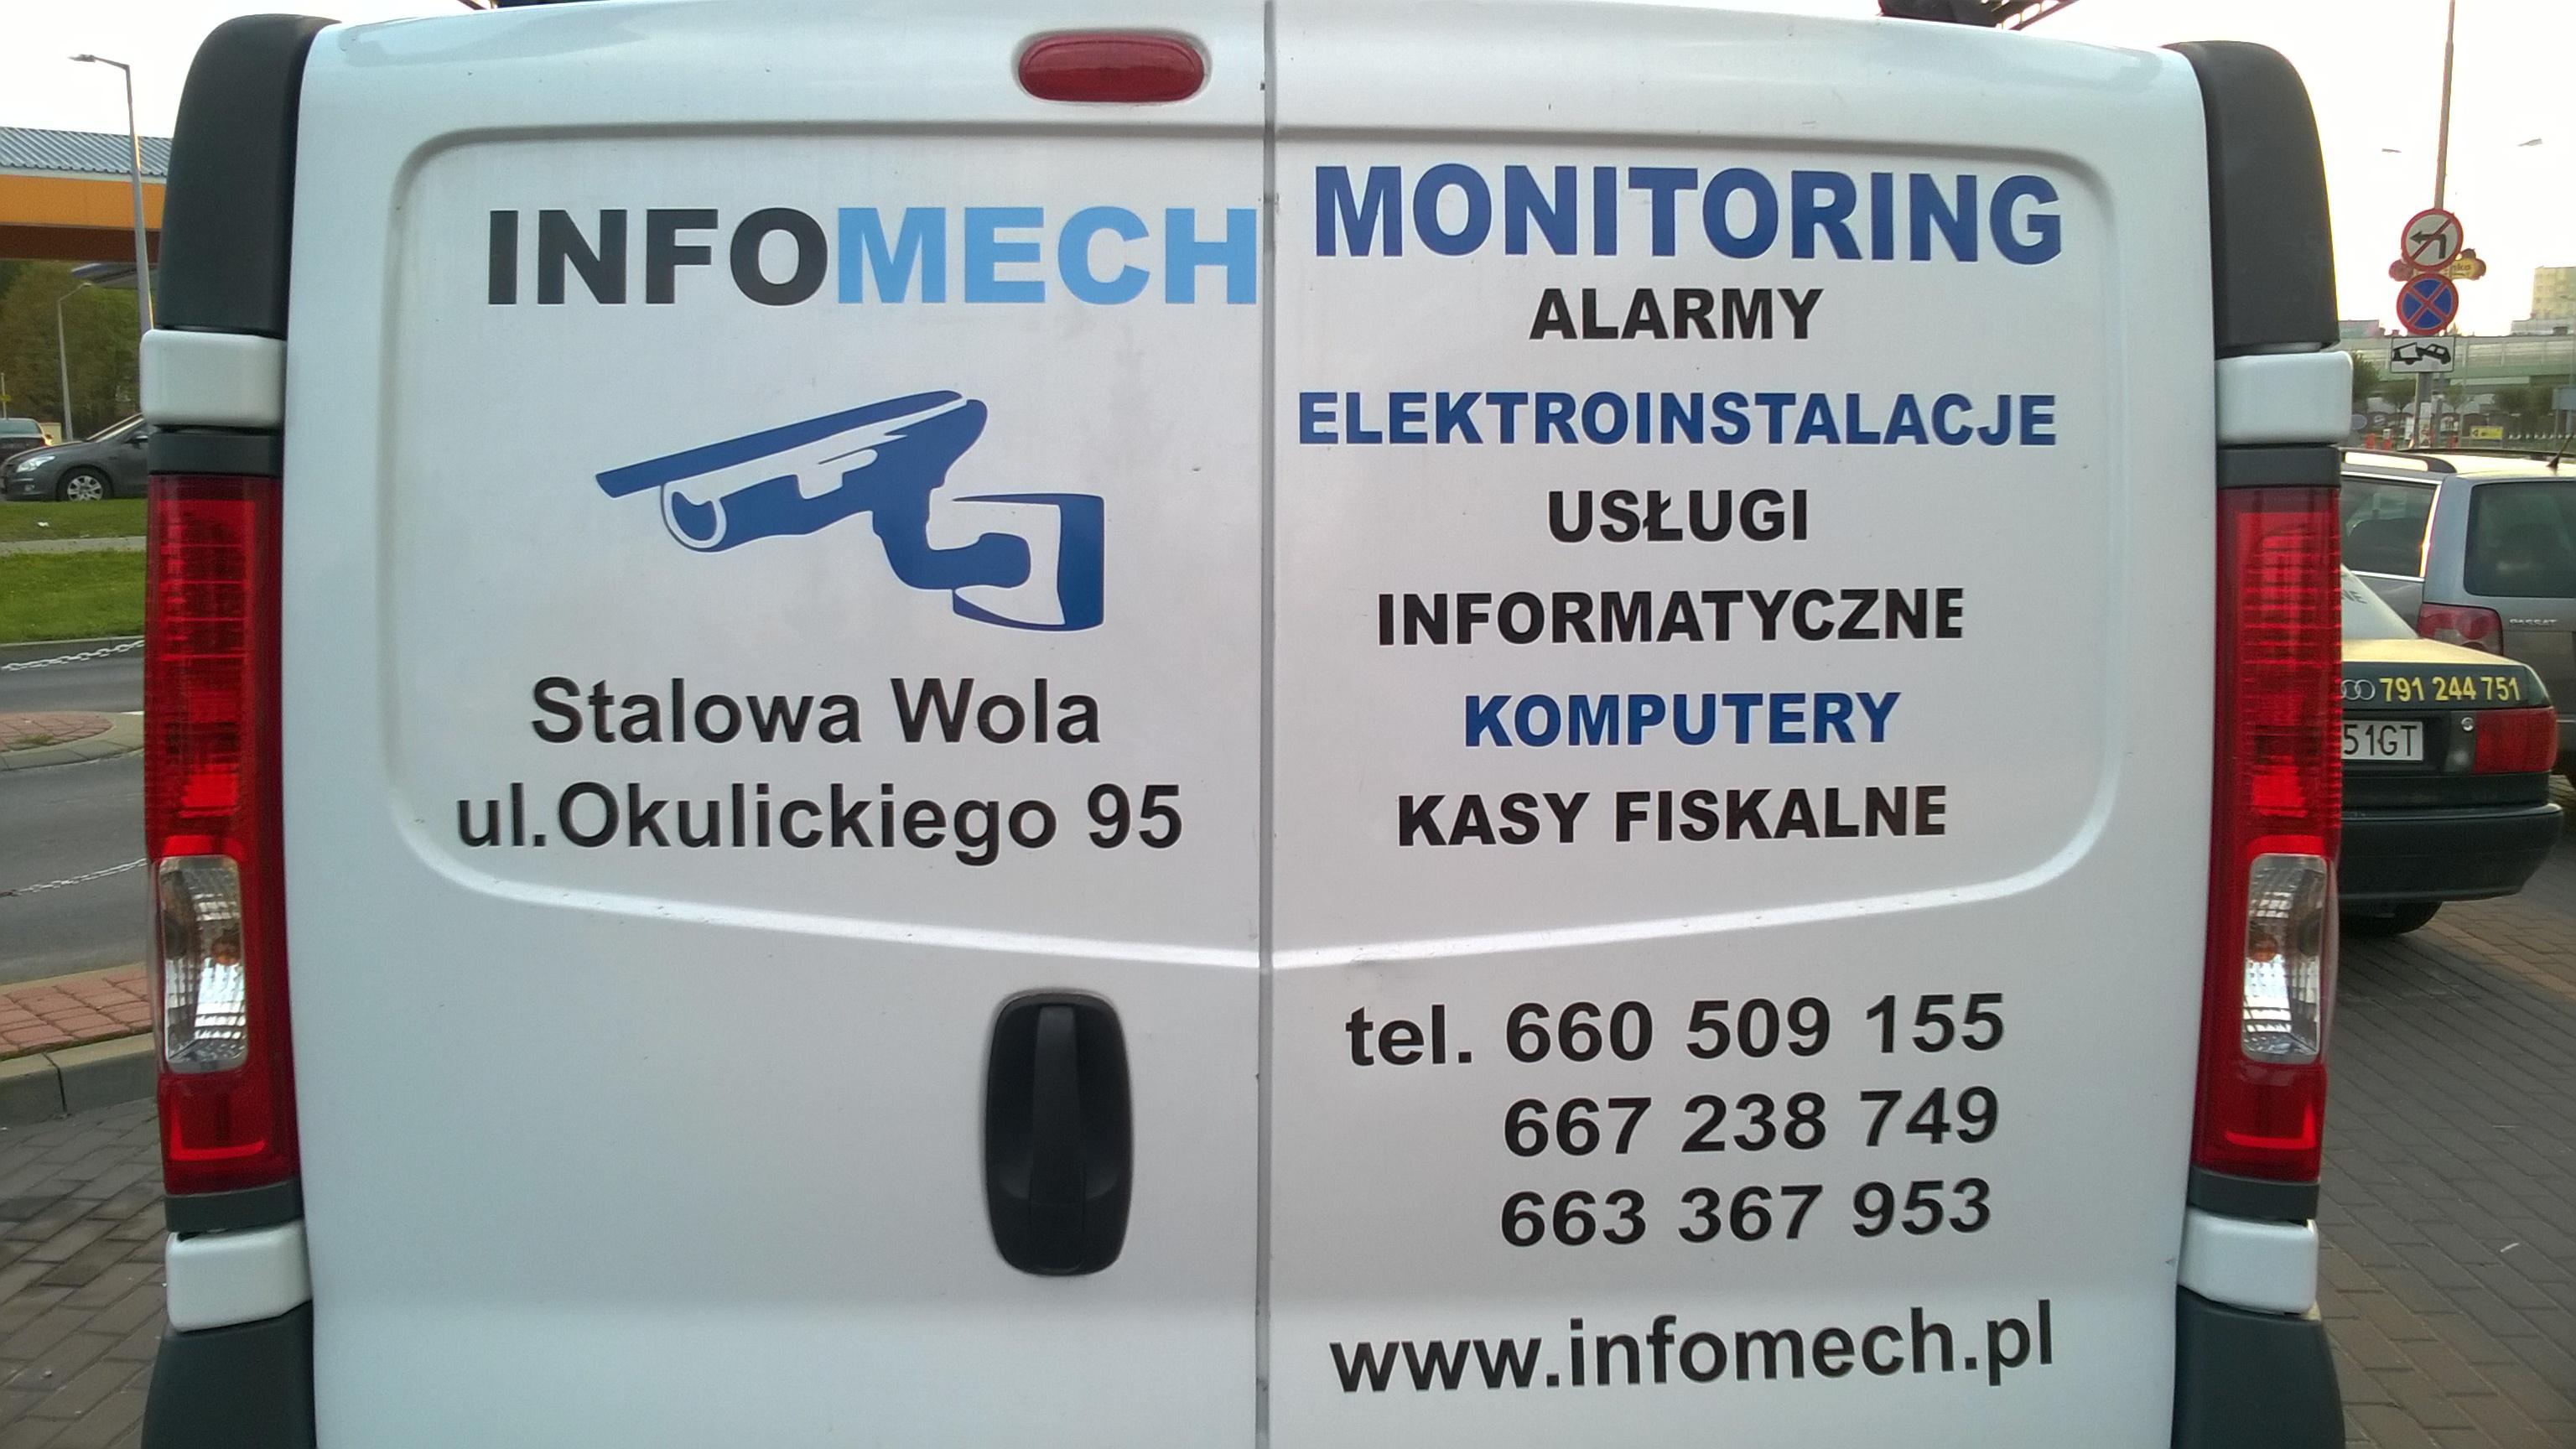 bus-techniczny-infomech-instalacje-elektryczne-i-teletechniczne-stalowa-wola-monitoring-bilgoraj-monitoring-zamosc-monitoring-stalowa-wola-infomech-mielec-alarmy-12